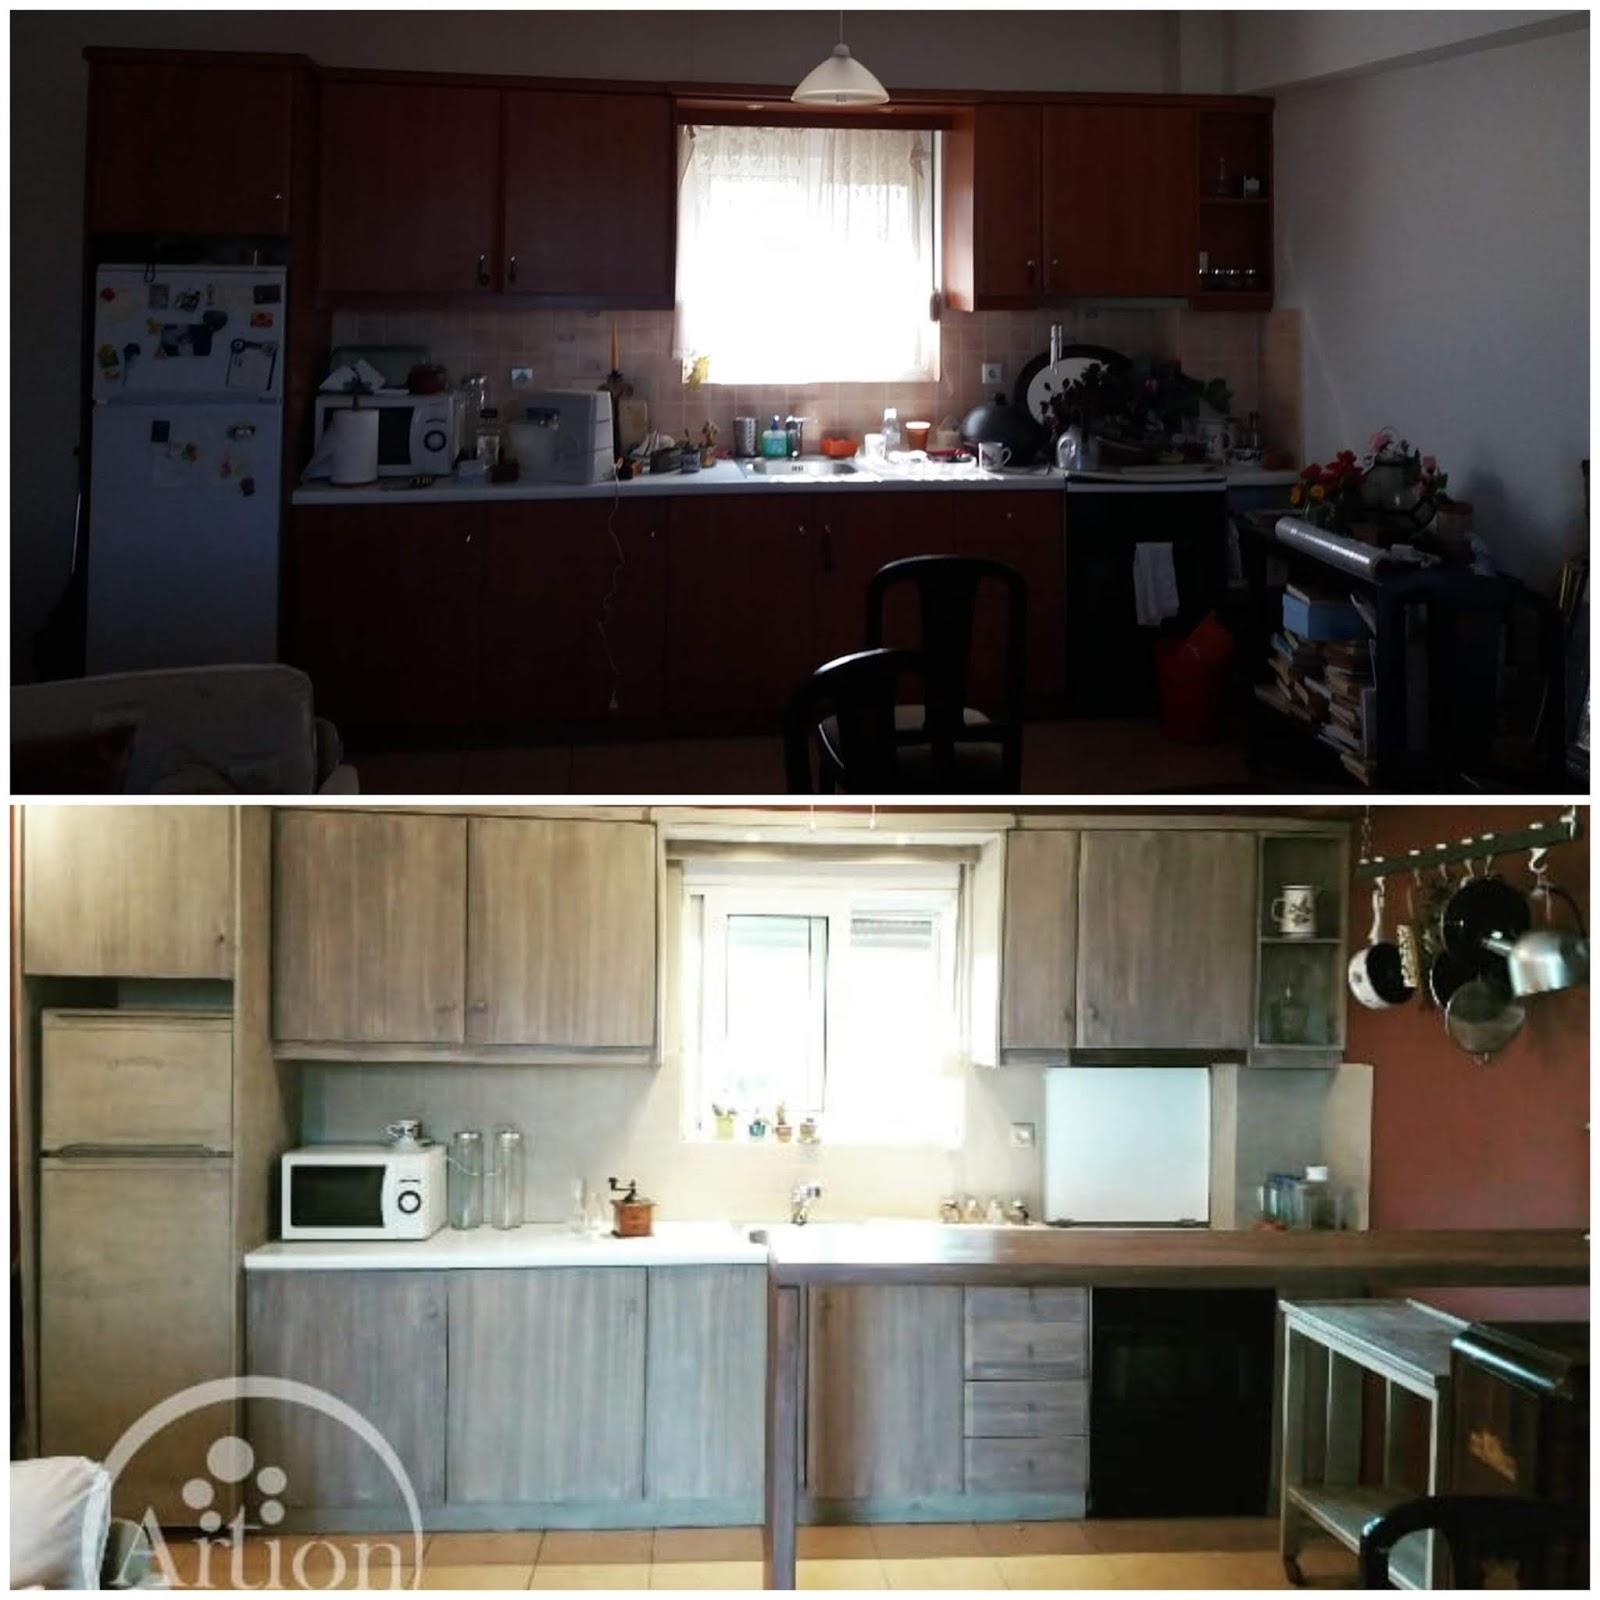 Αφιέρωμα: Κουζίνα! Έλα στην κουζίνα, βάζω καφέ! 7 Annie Sloan Greece